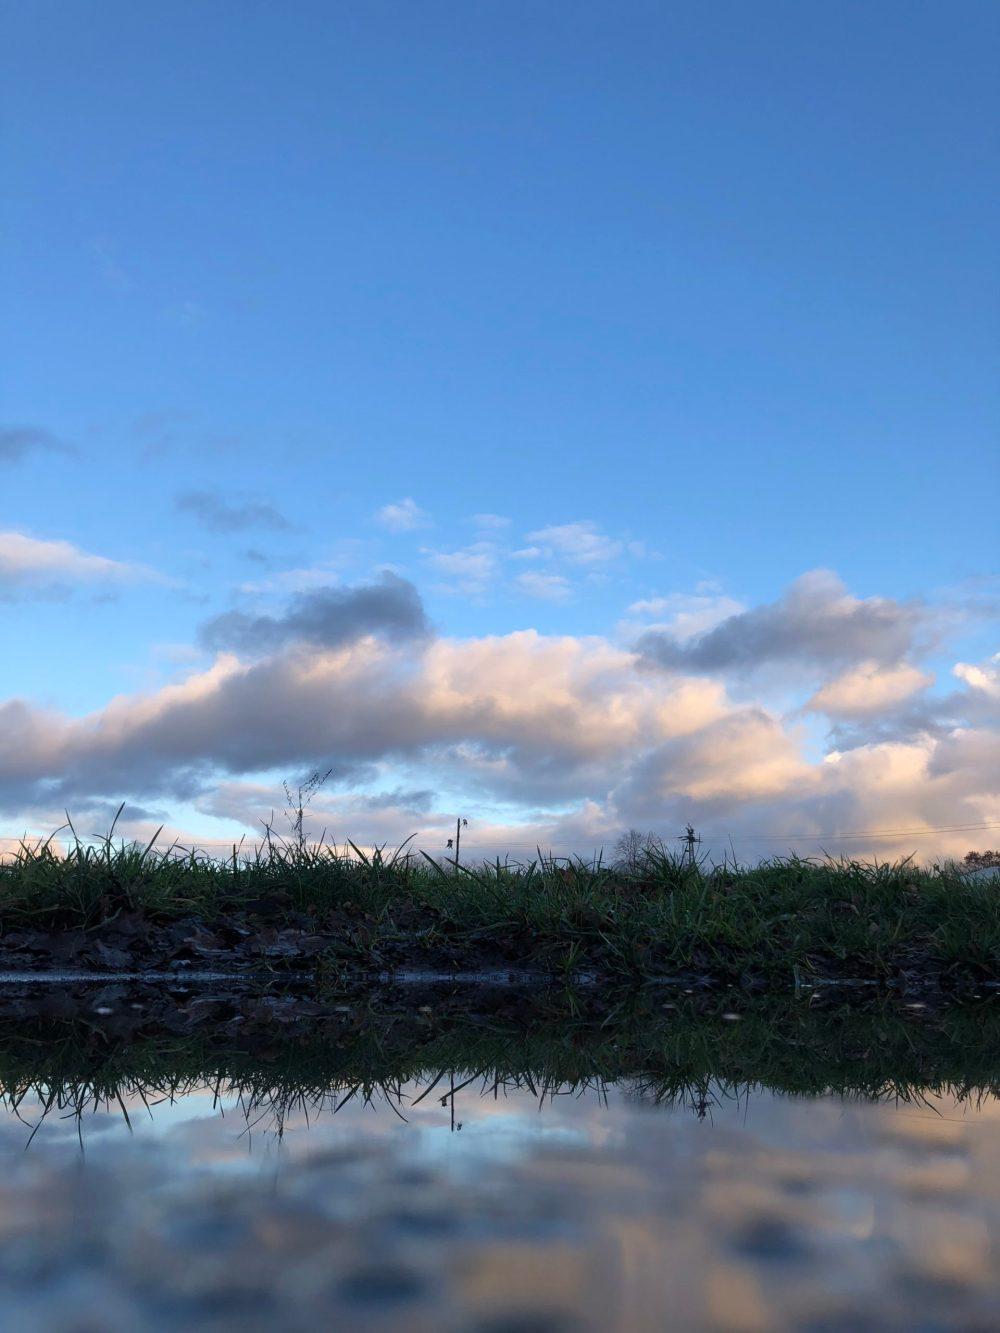 Wasserfläche unter blauem Himmel mit Wolken